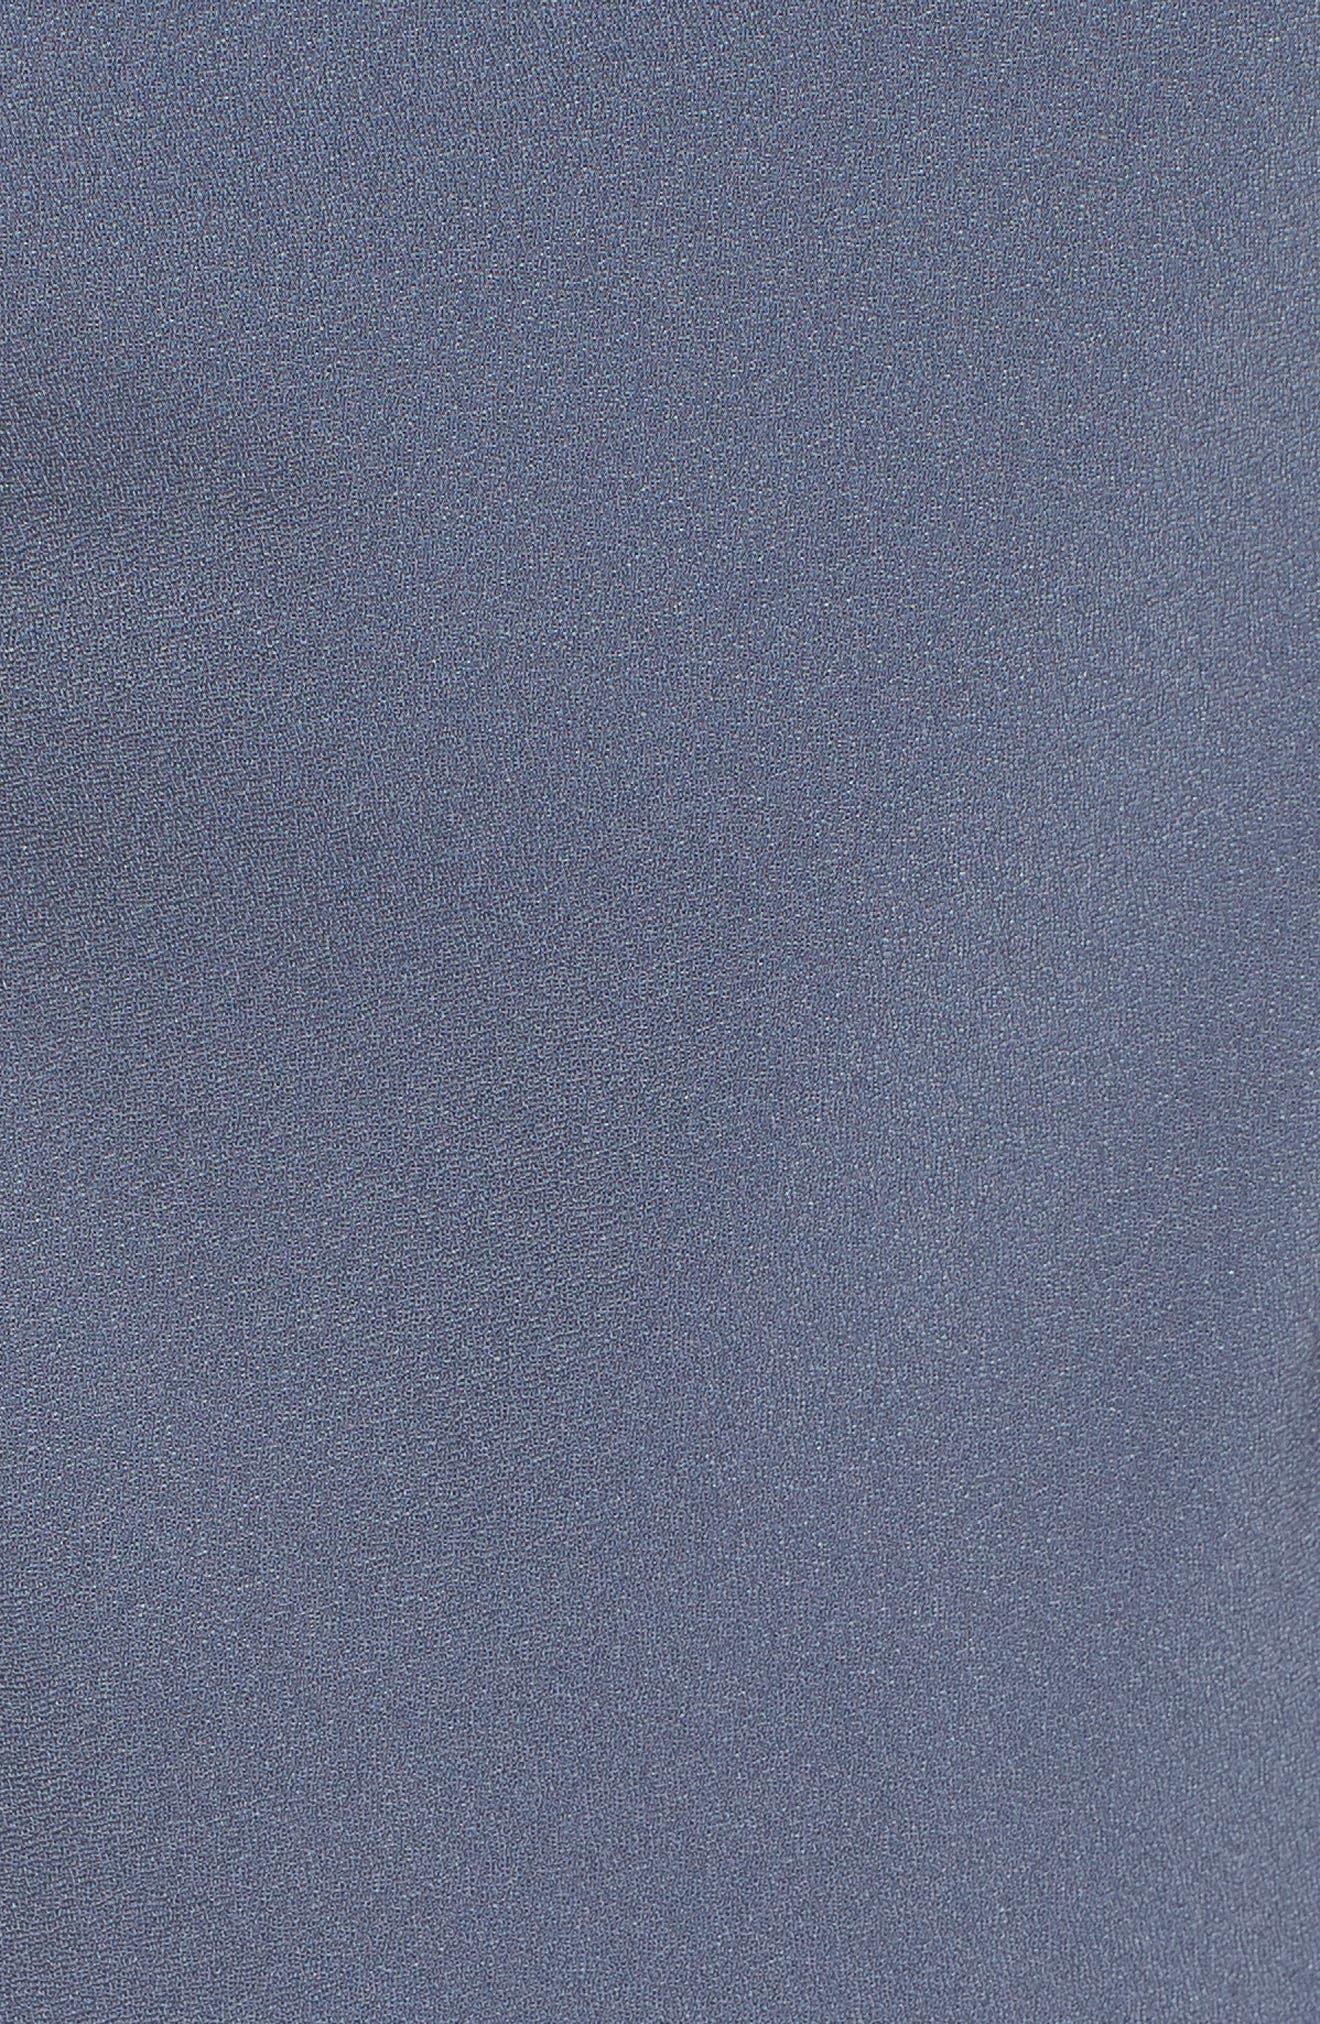 Cowl Neck Midi Dress,                             Alternate thumbnail 5, color,                             030